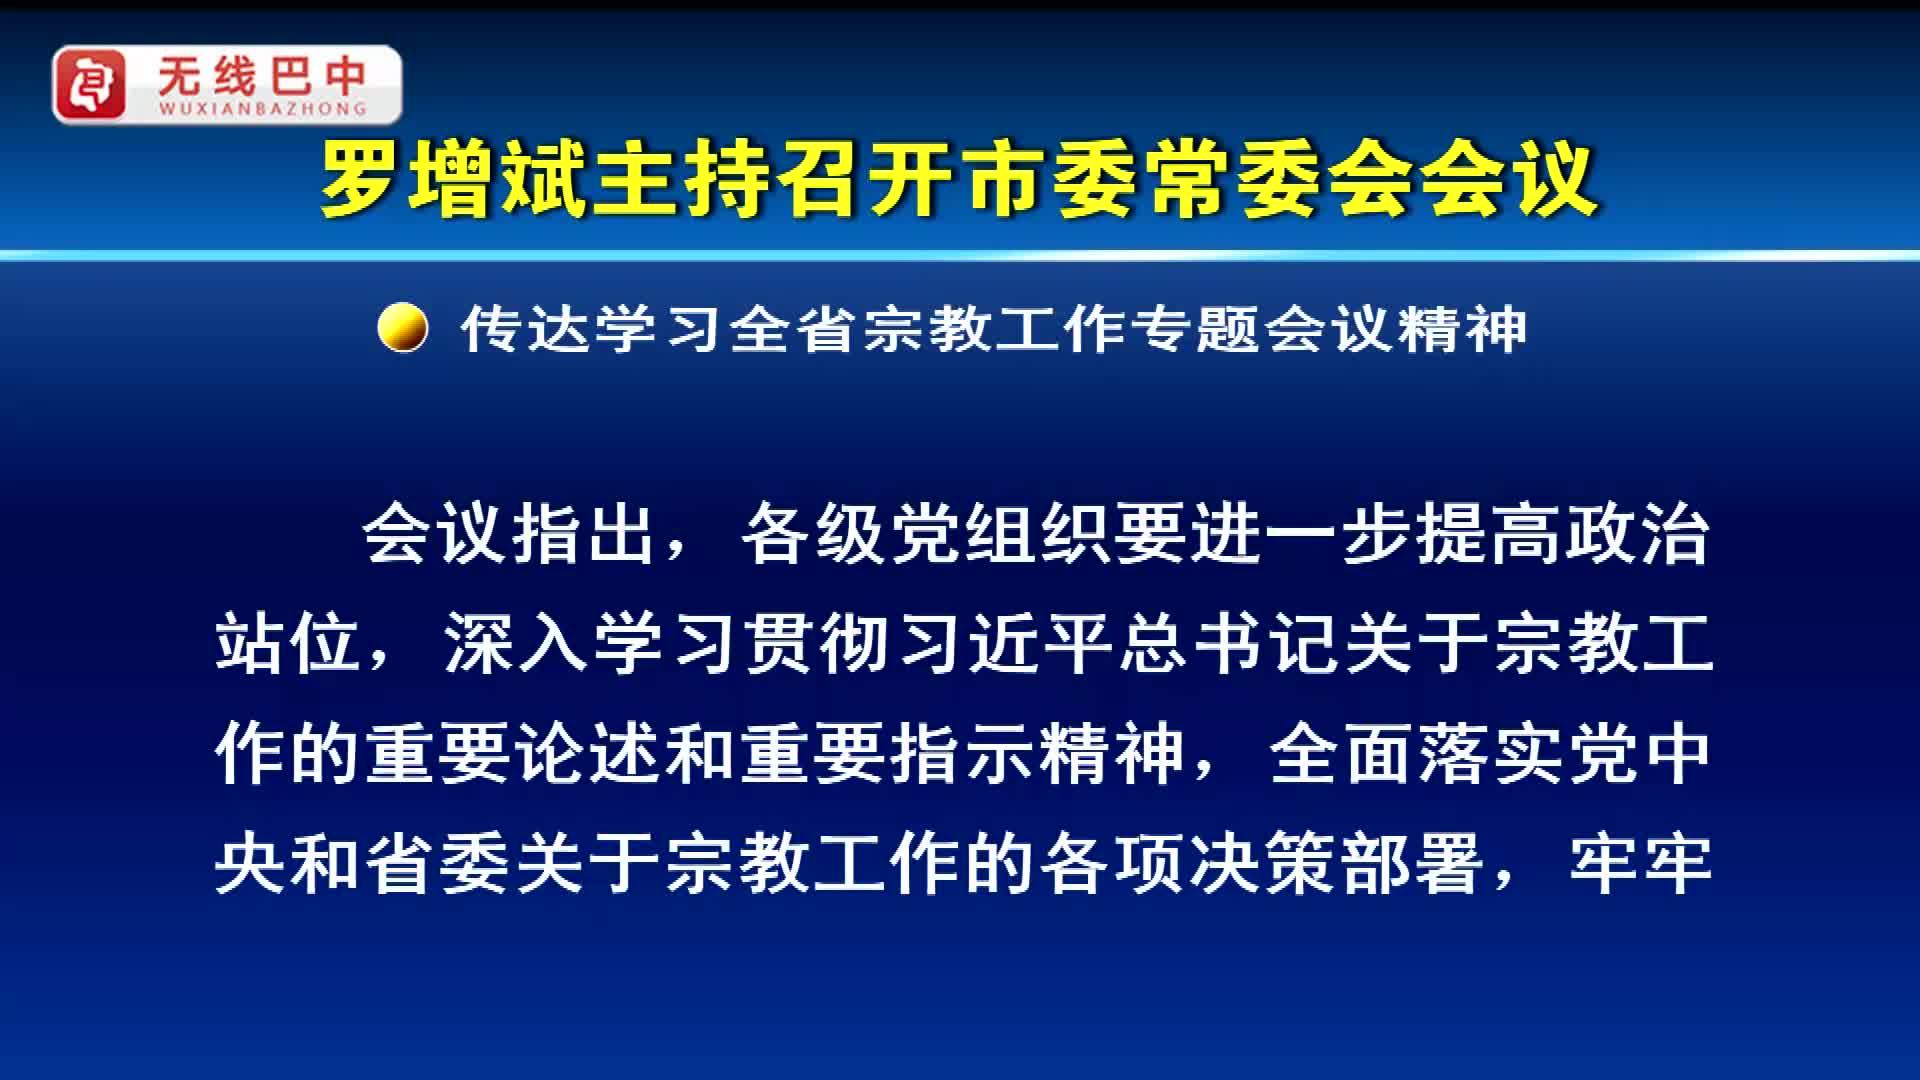 罗增斌主持召开市委常委会会议